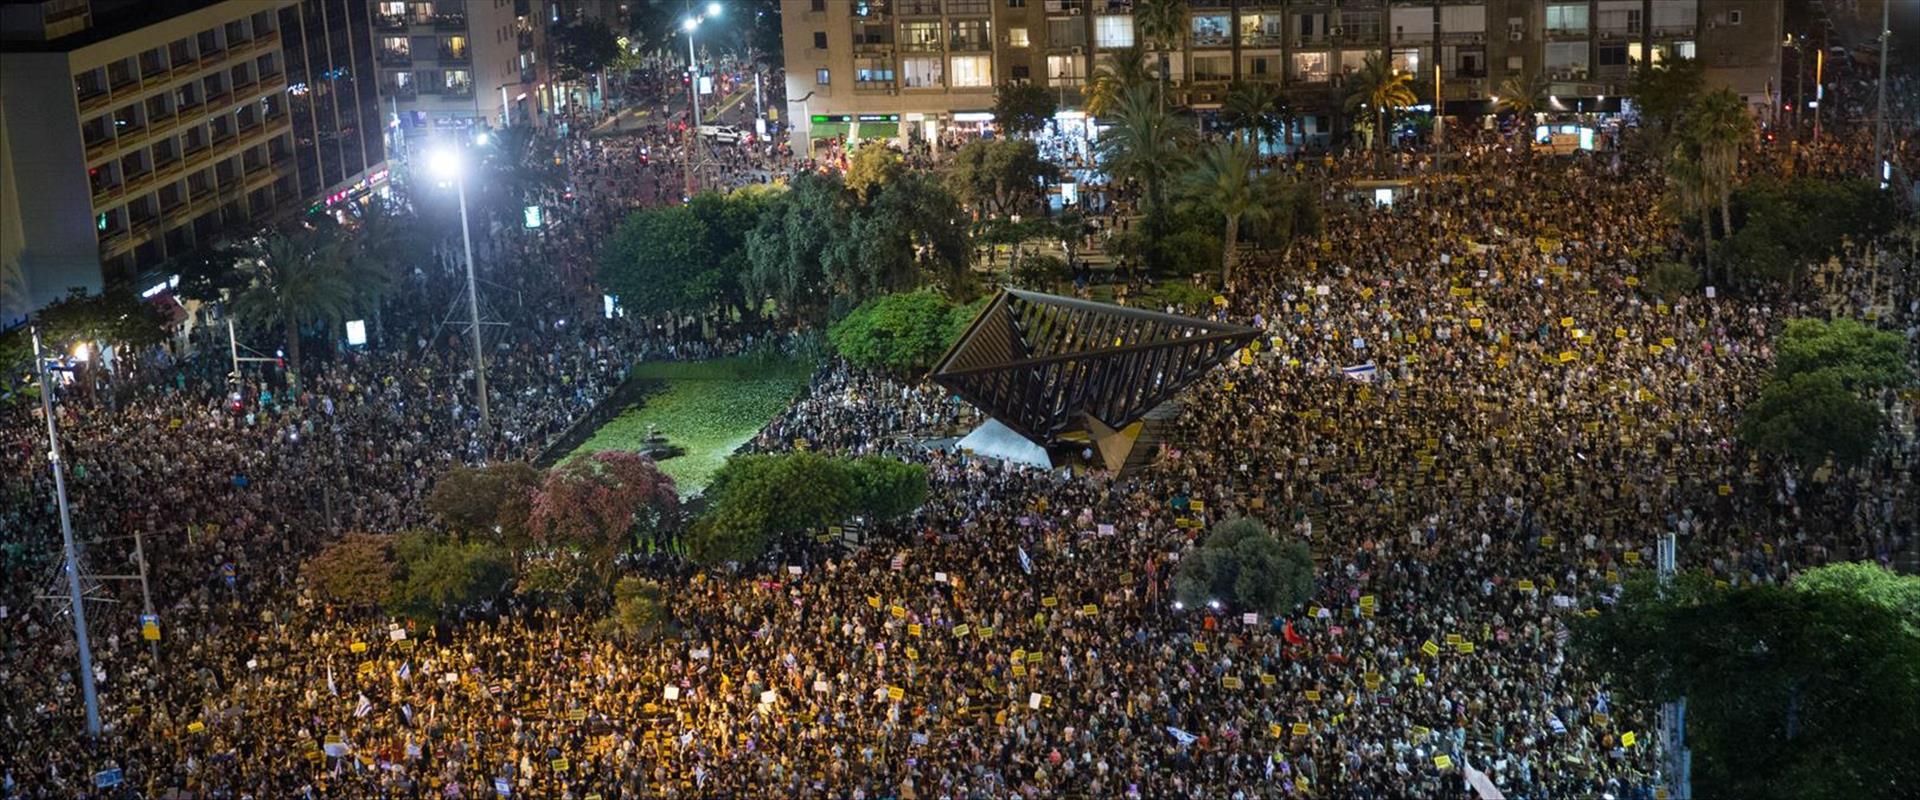 המחאה בתל אביב, אתמול